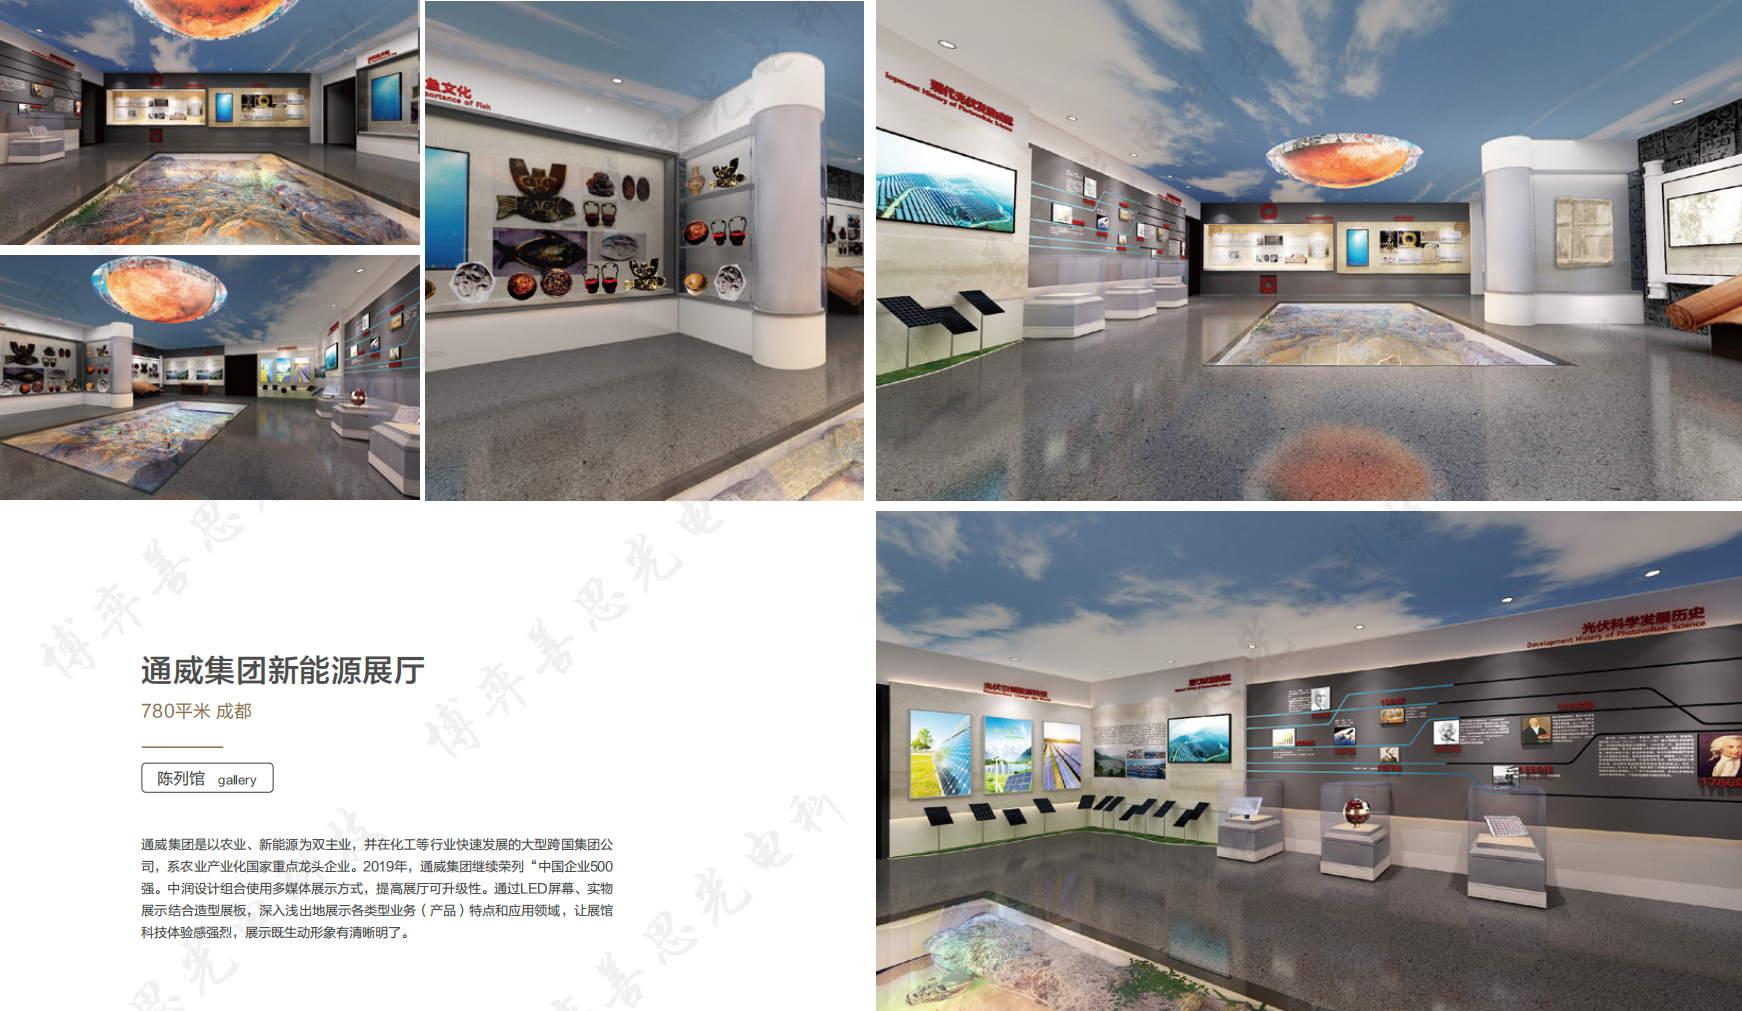 四川展厅设计-通威集团新能源展厅